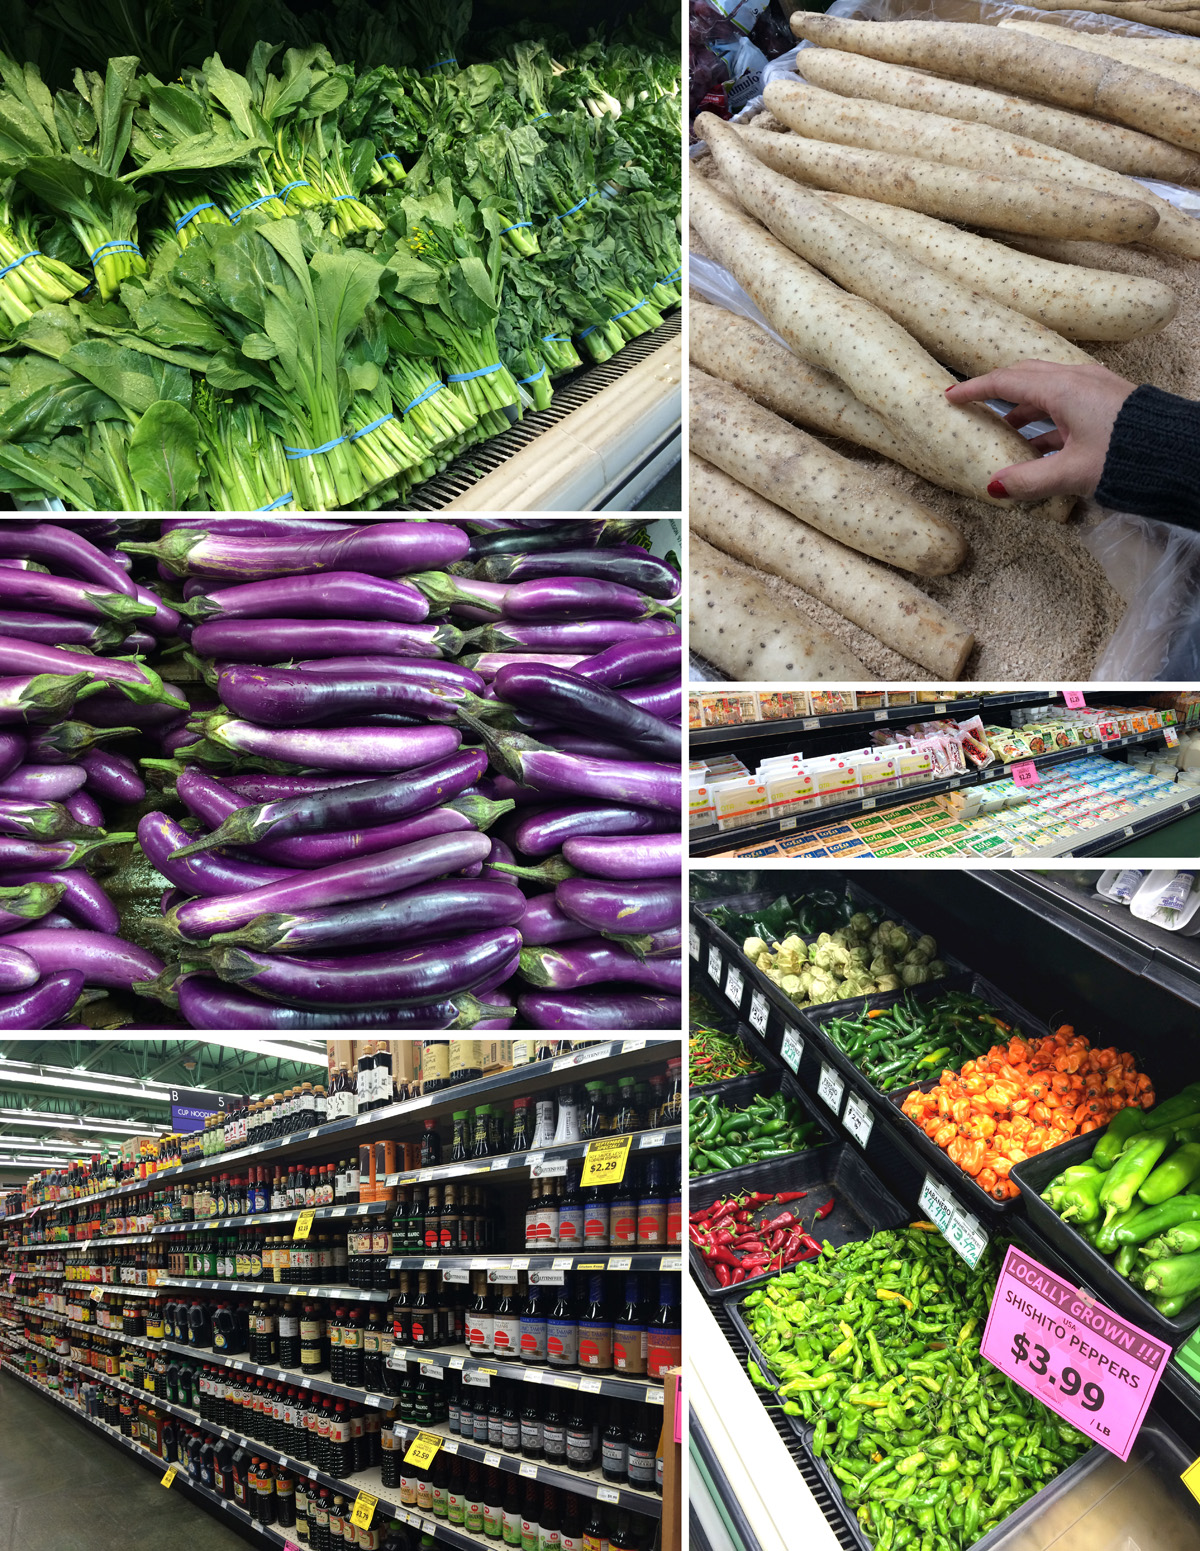 גן עדן לאוהבי אוכל טבעוניים. סופרמרקט אסייתי